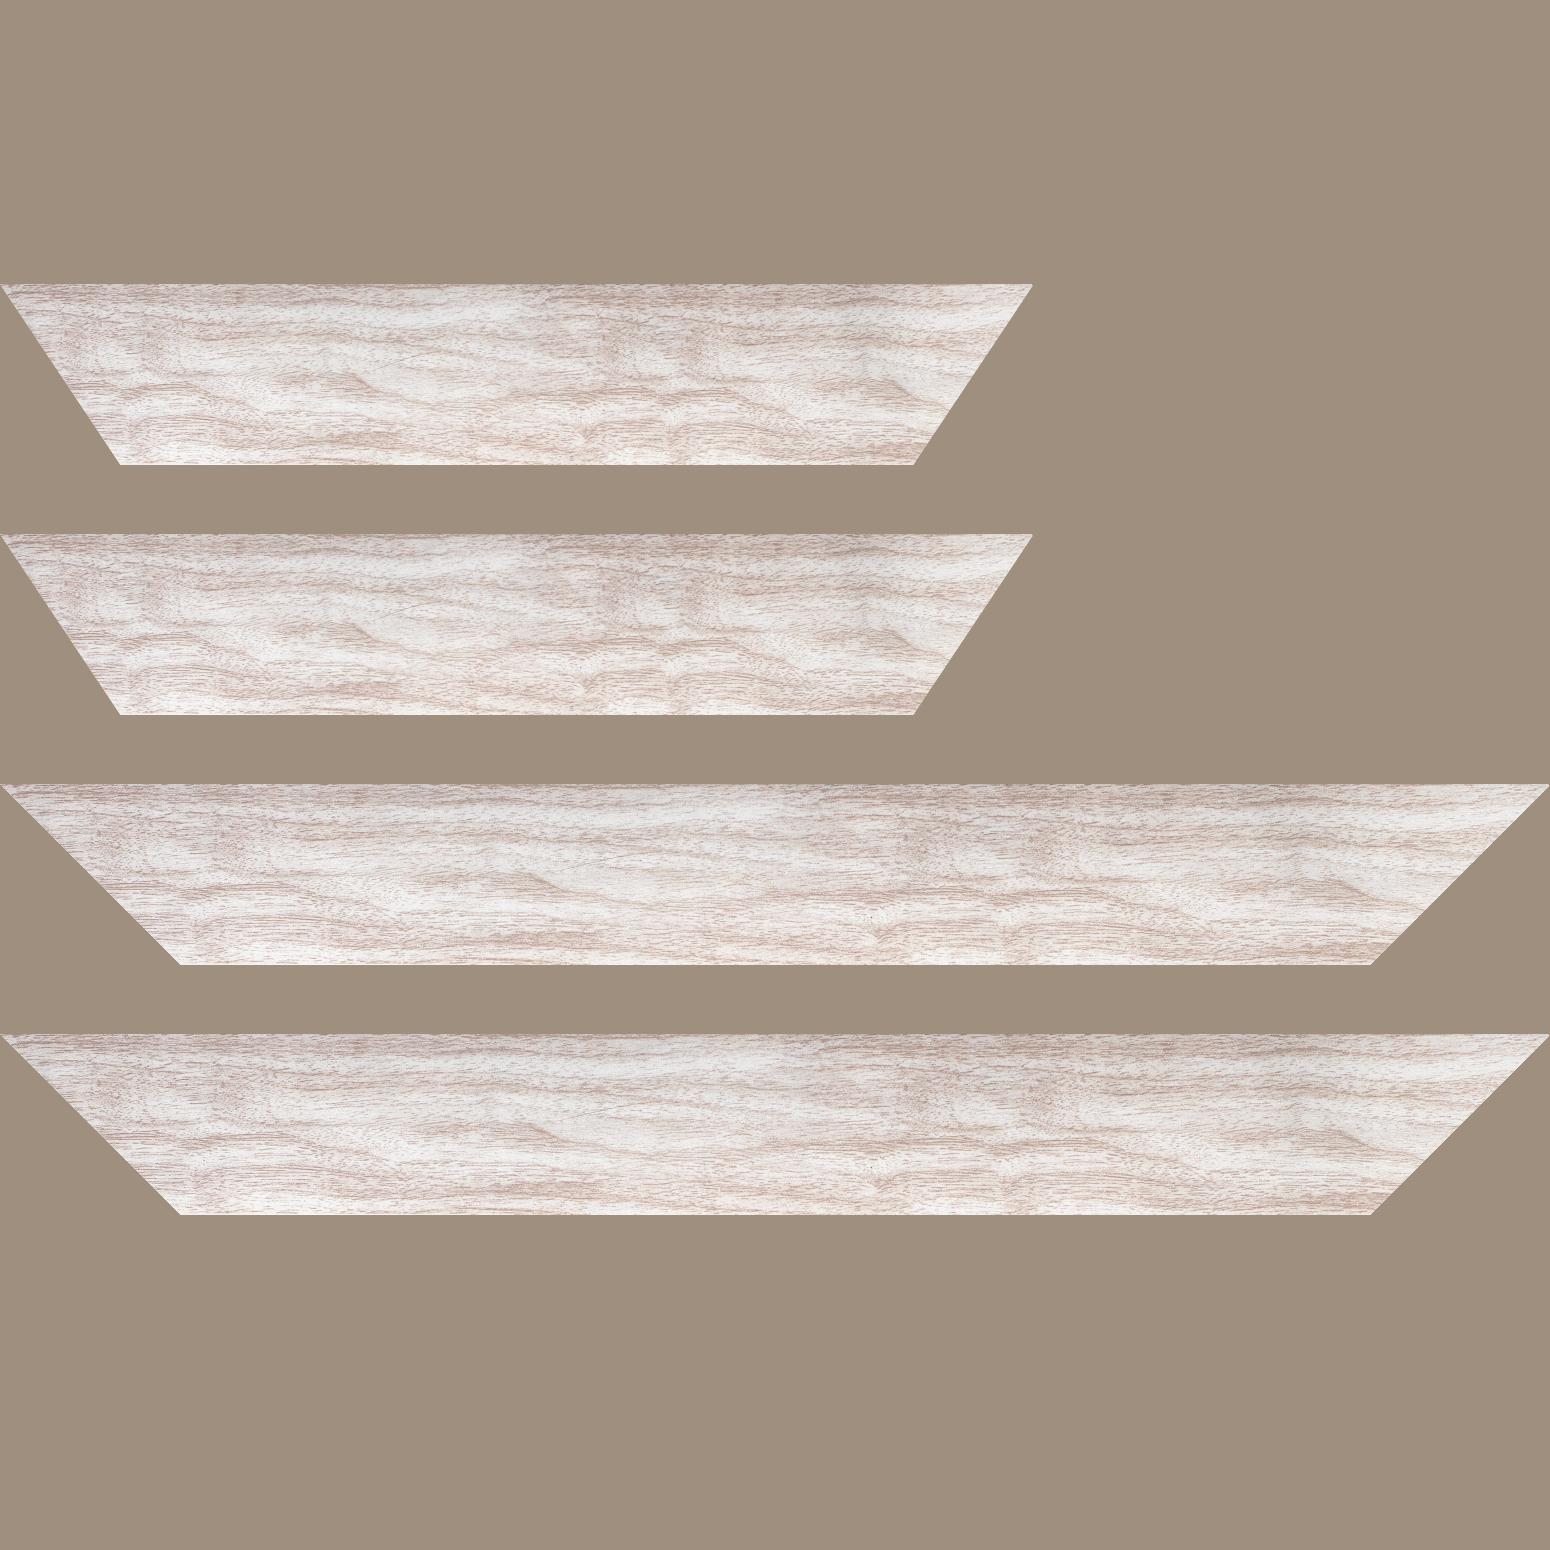 Baguette service précoupé Bois profil plat largeur 6cm blanc satiné effet veiné ,chant extérieur du cadre de couleur noire